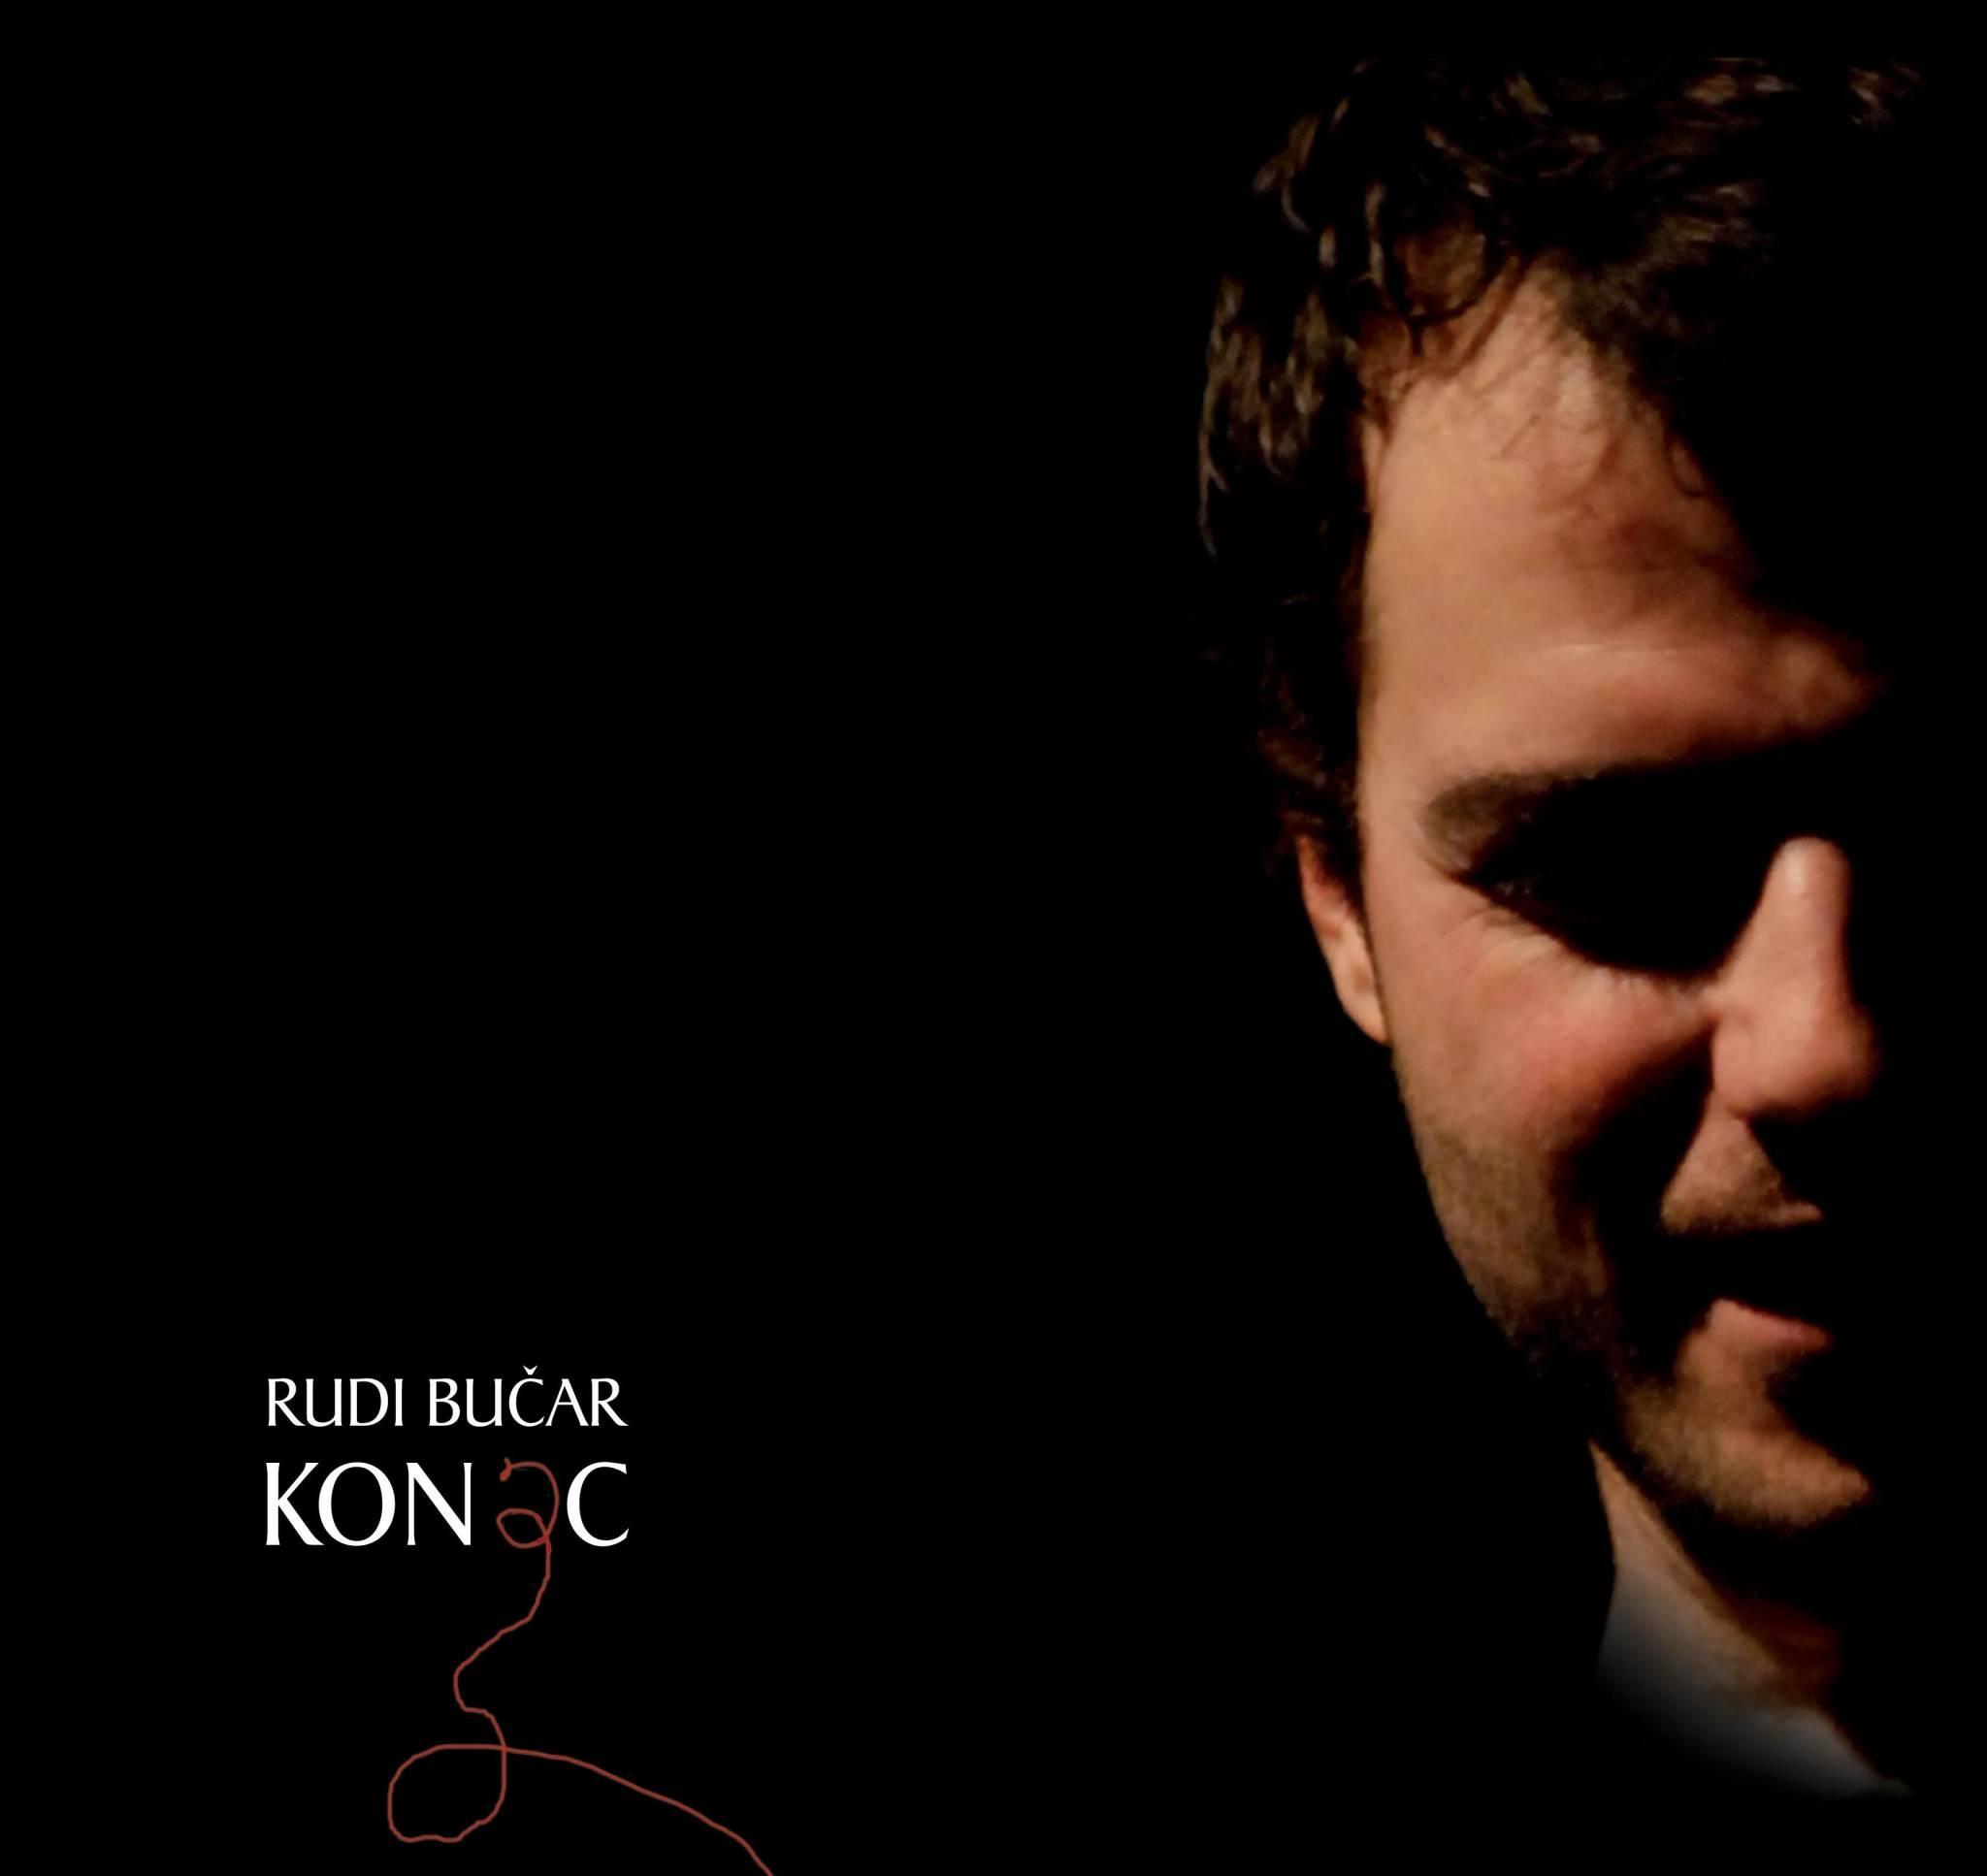 Rudi Bučar – Konəc